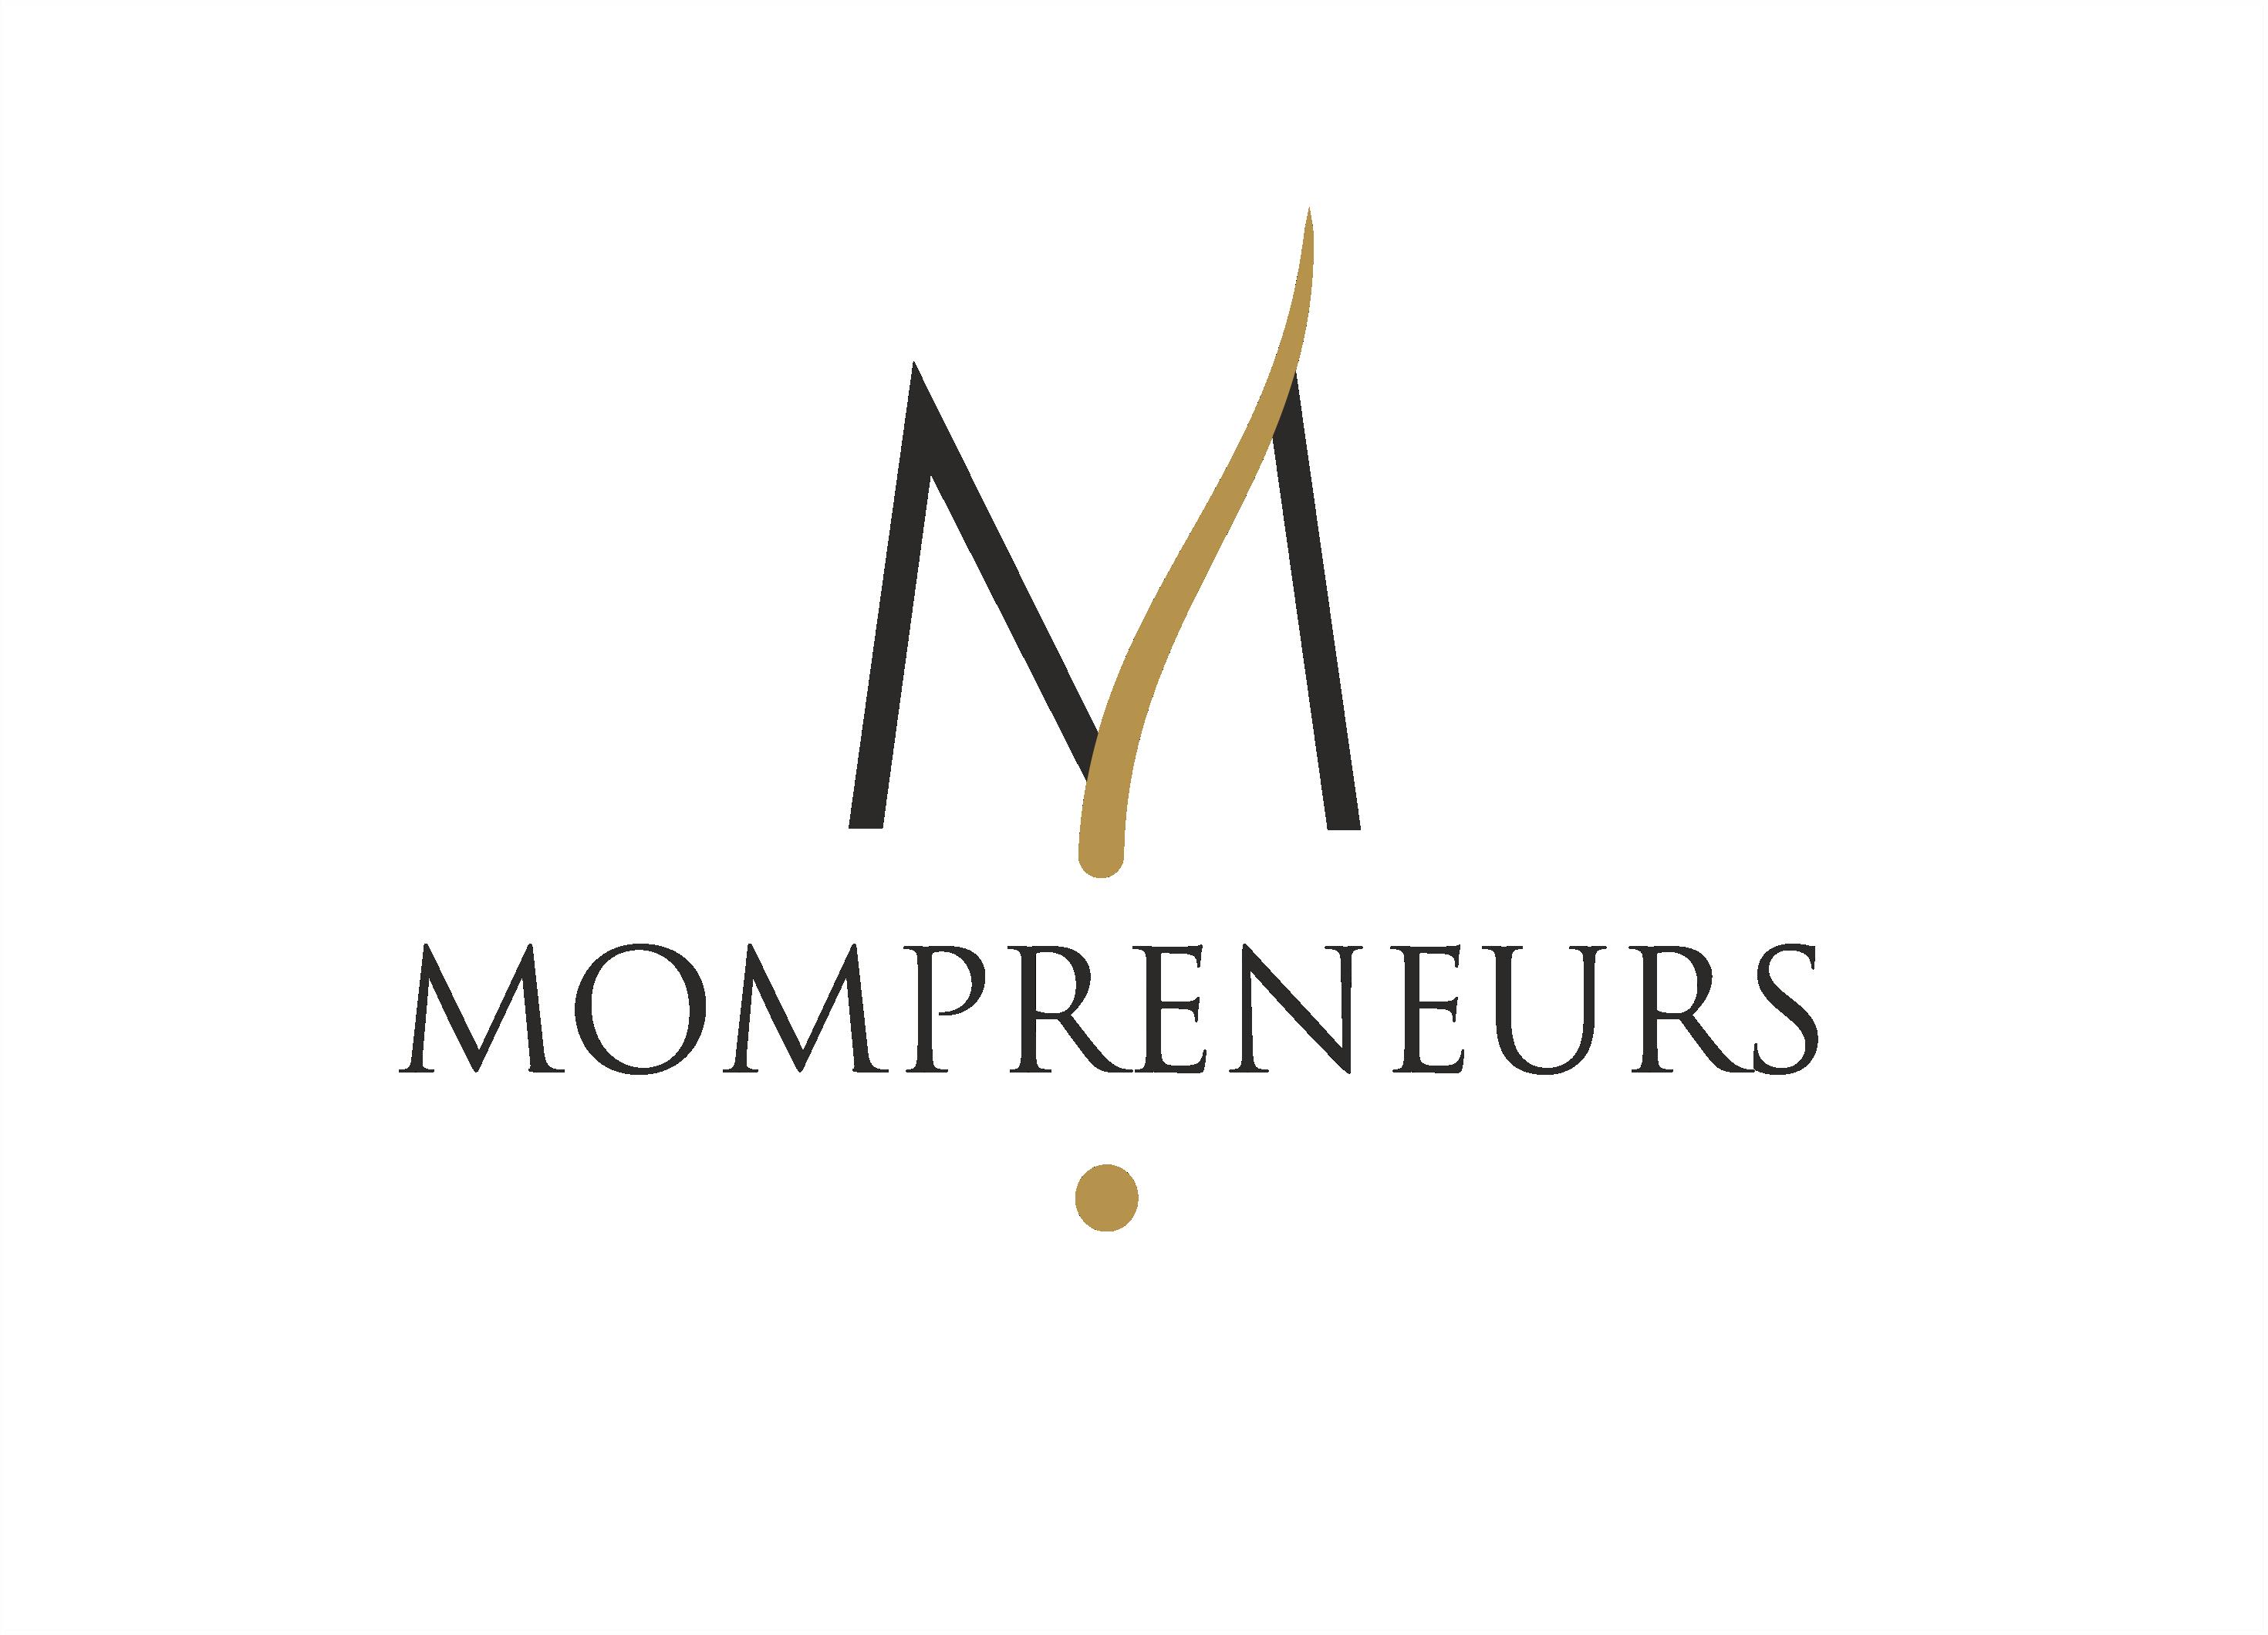 Mompreneurs - A közösség